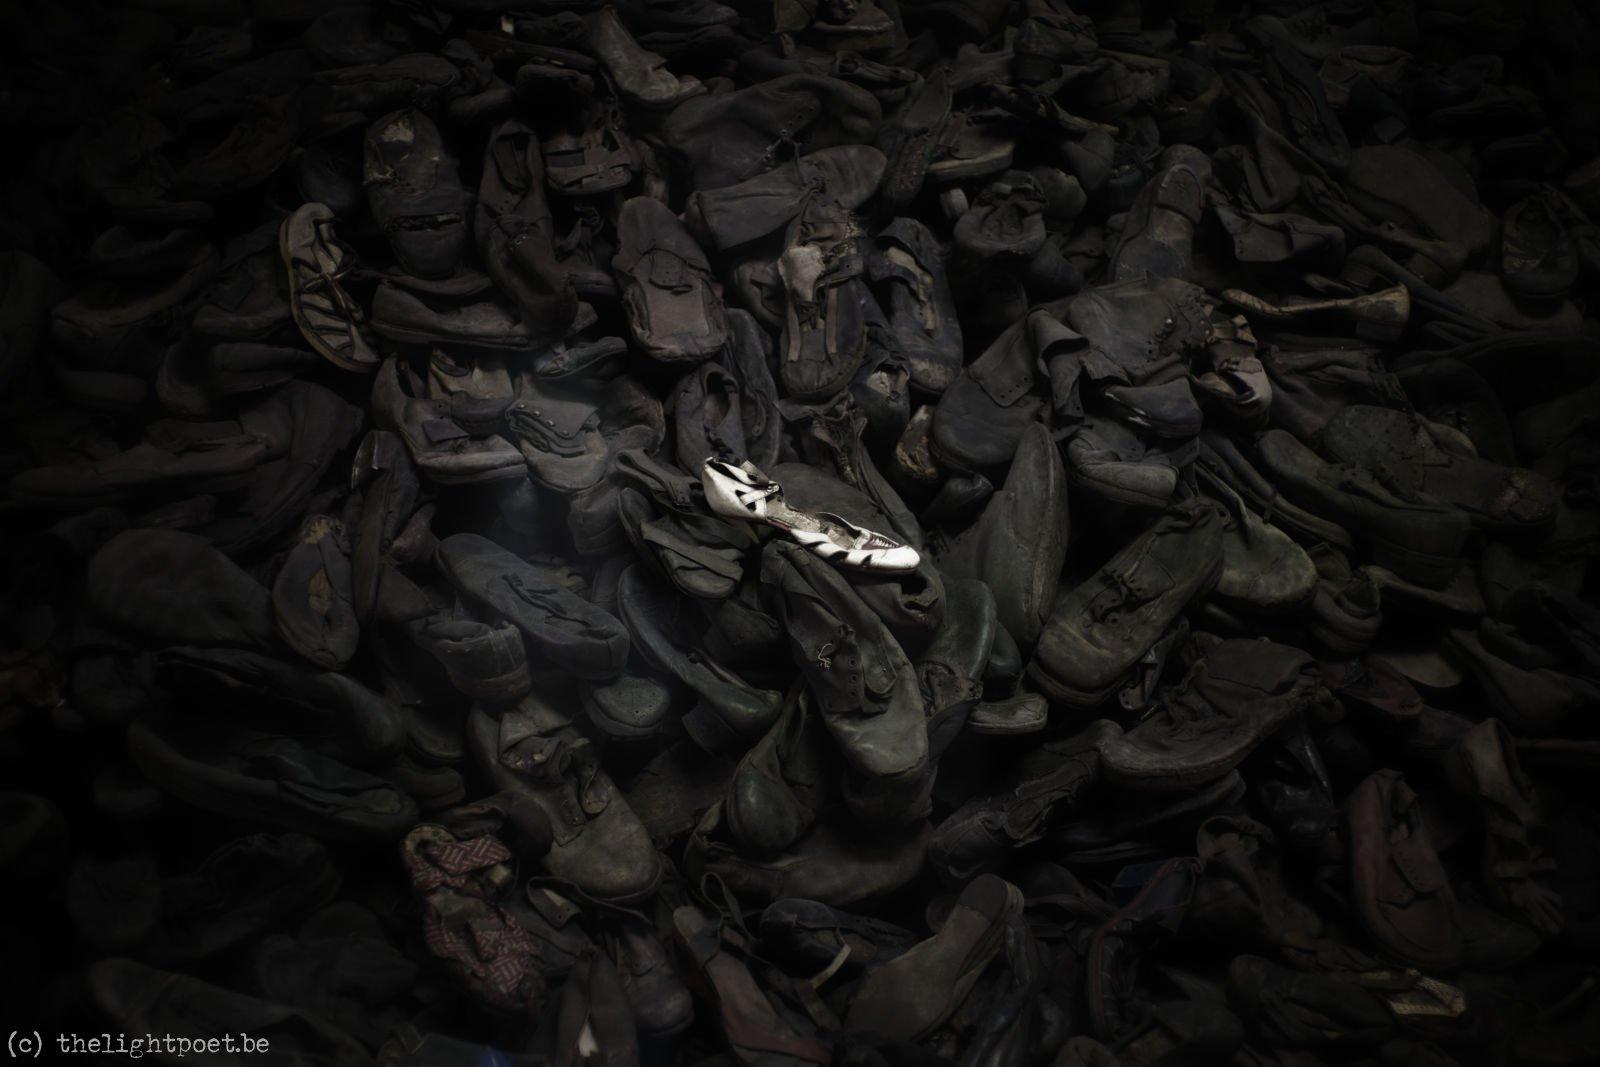 Auschwitz, June 2018